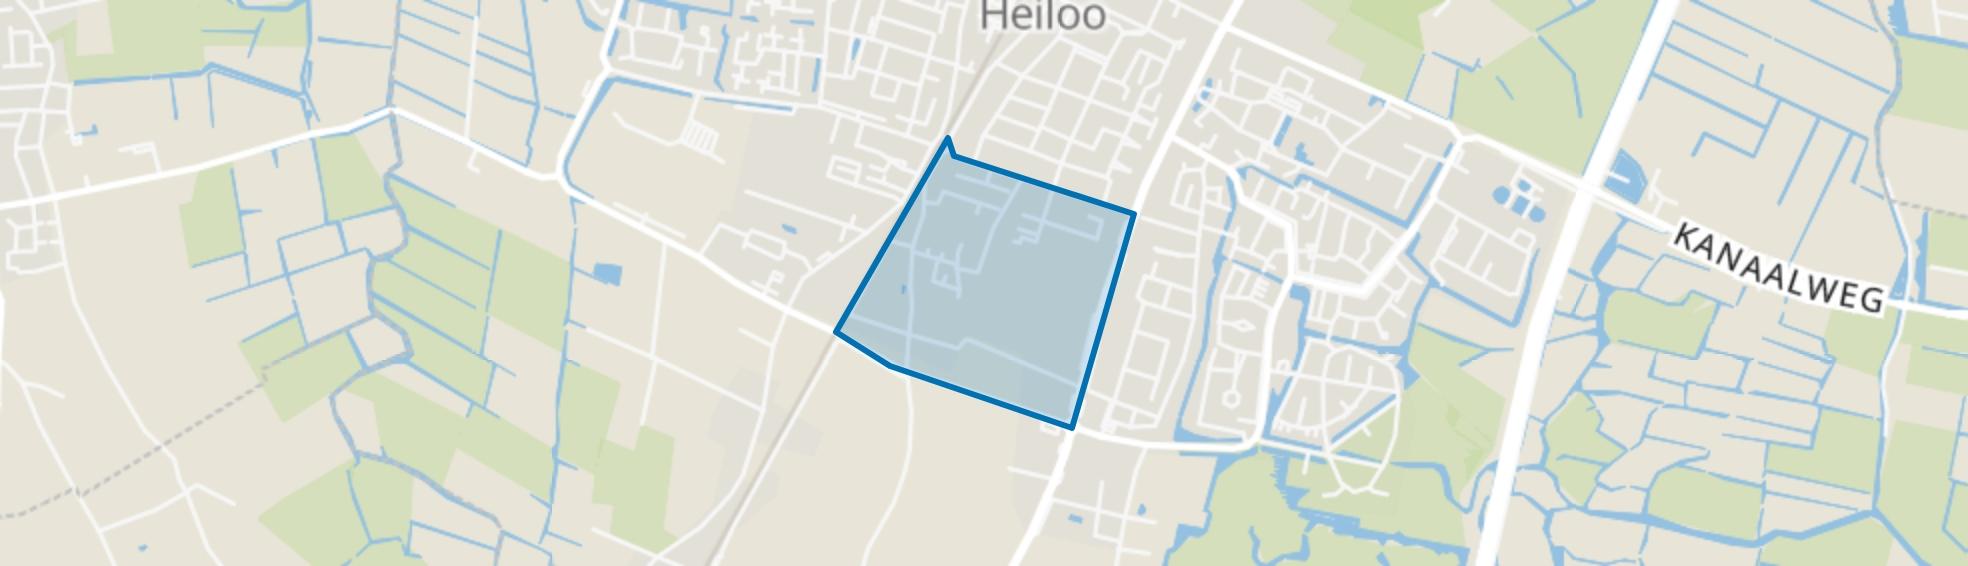 Zuiderloo, Heiloo map